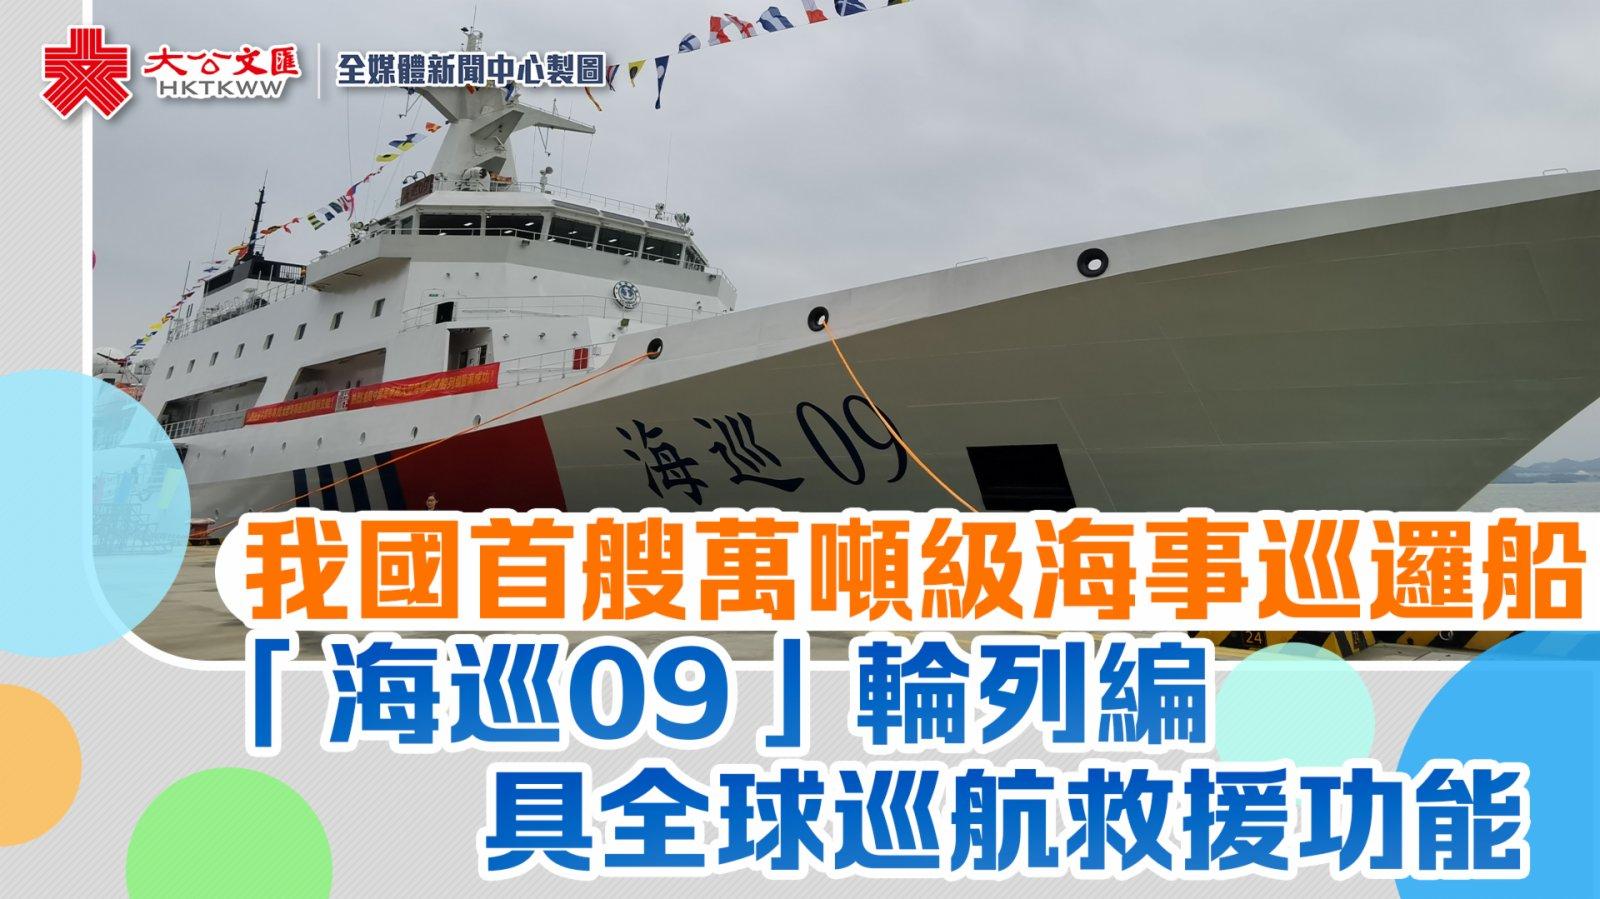 我國首艘萬噸級海事巡邏船「海巡09」輪列編 具全球巡航救援功能